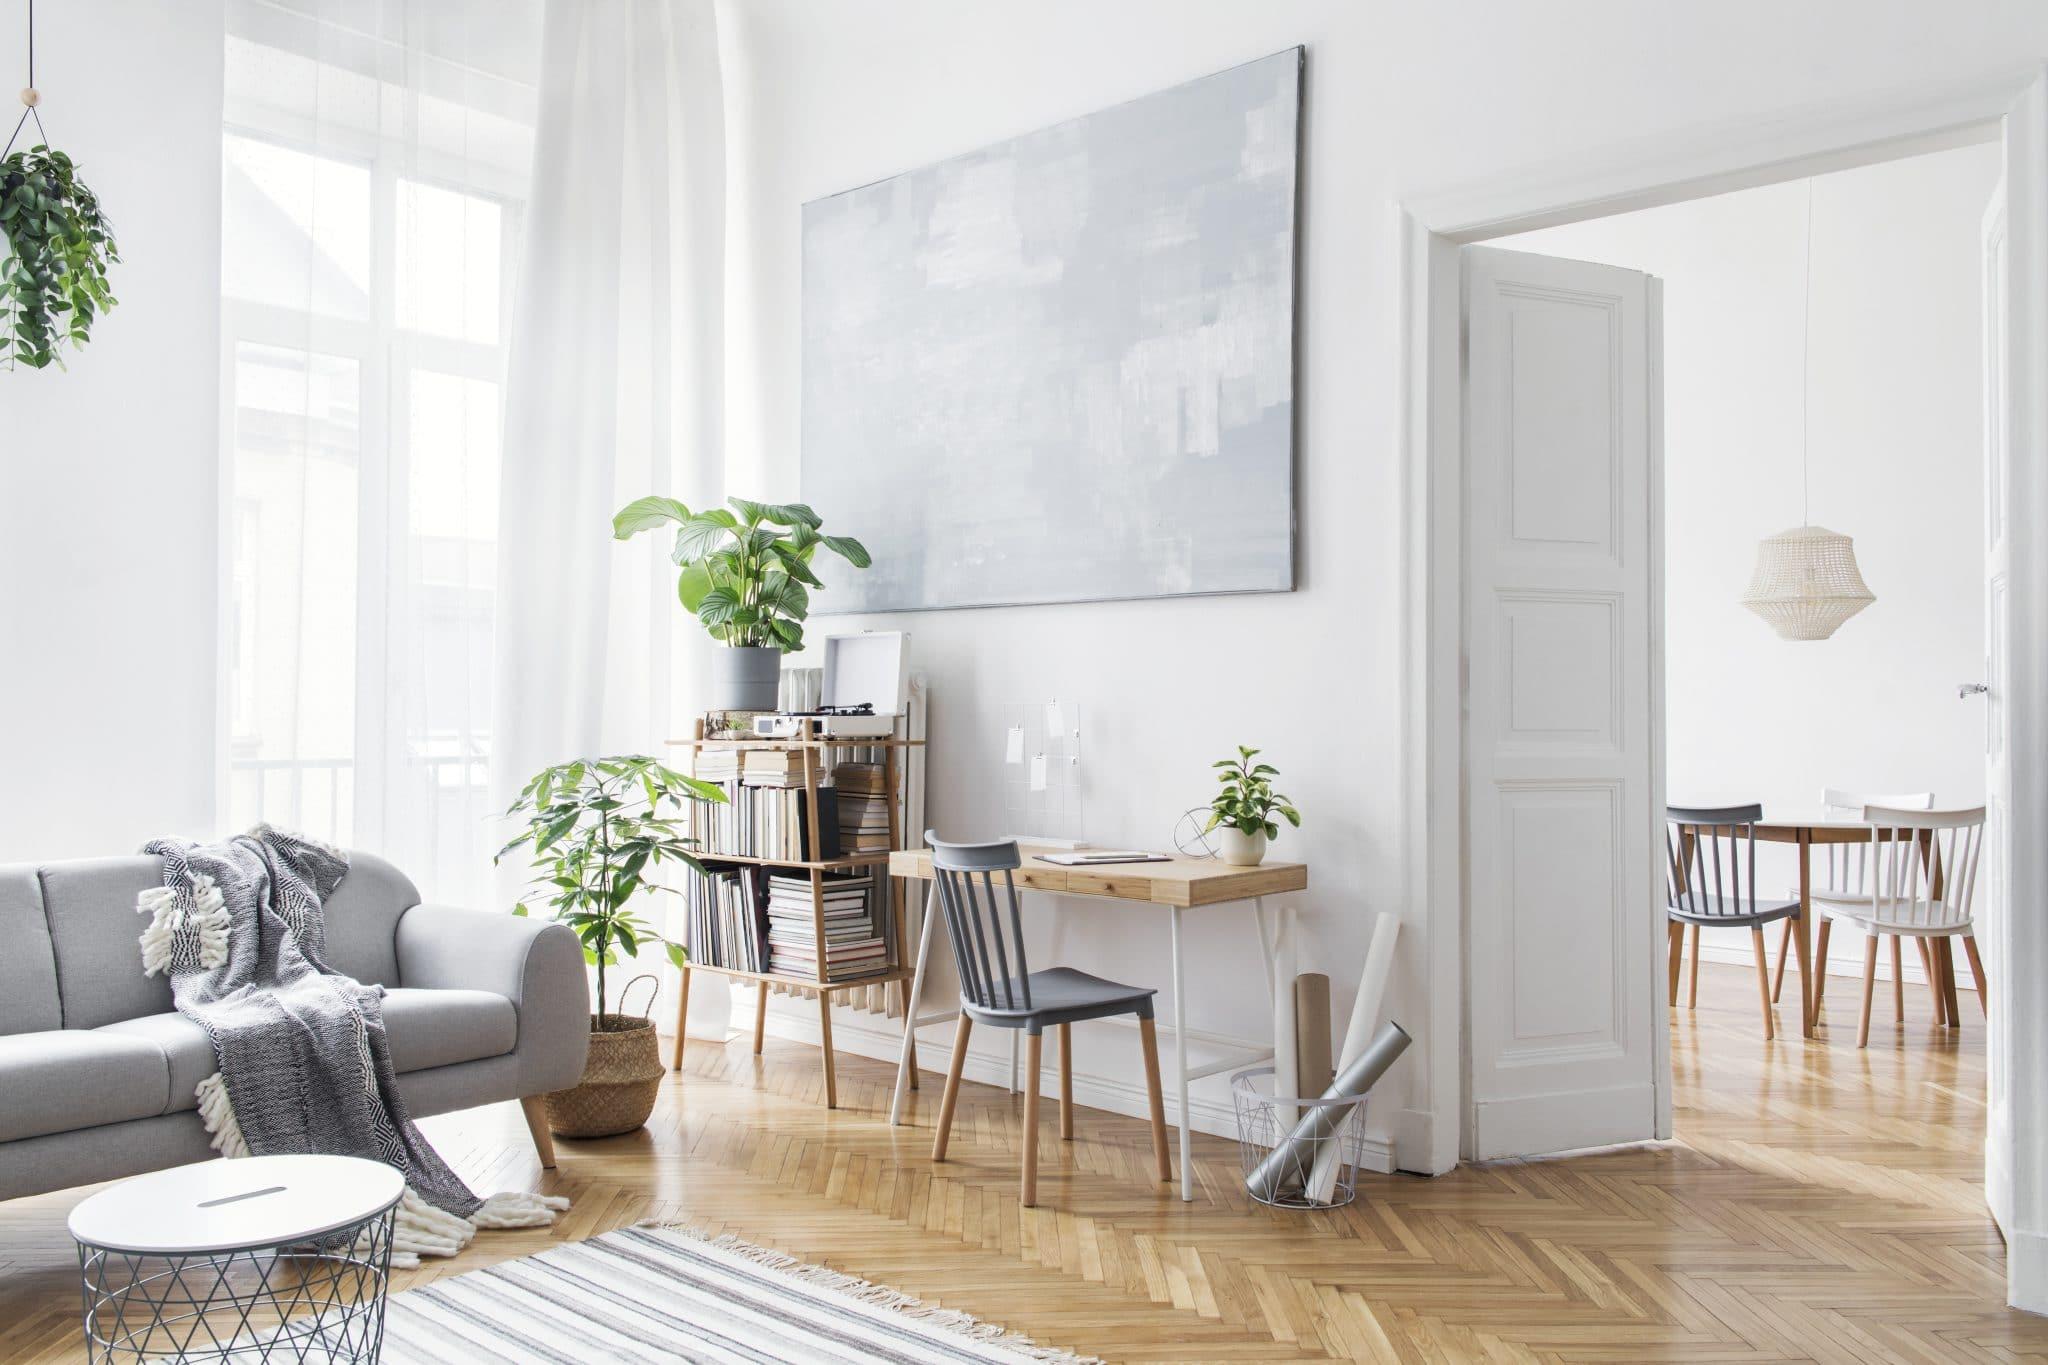 Rénovation de maison Saint-Germain-en-Laye (78)